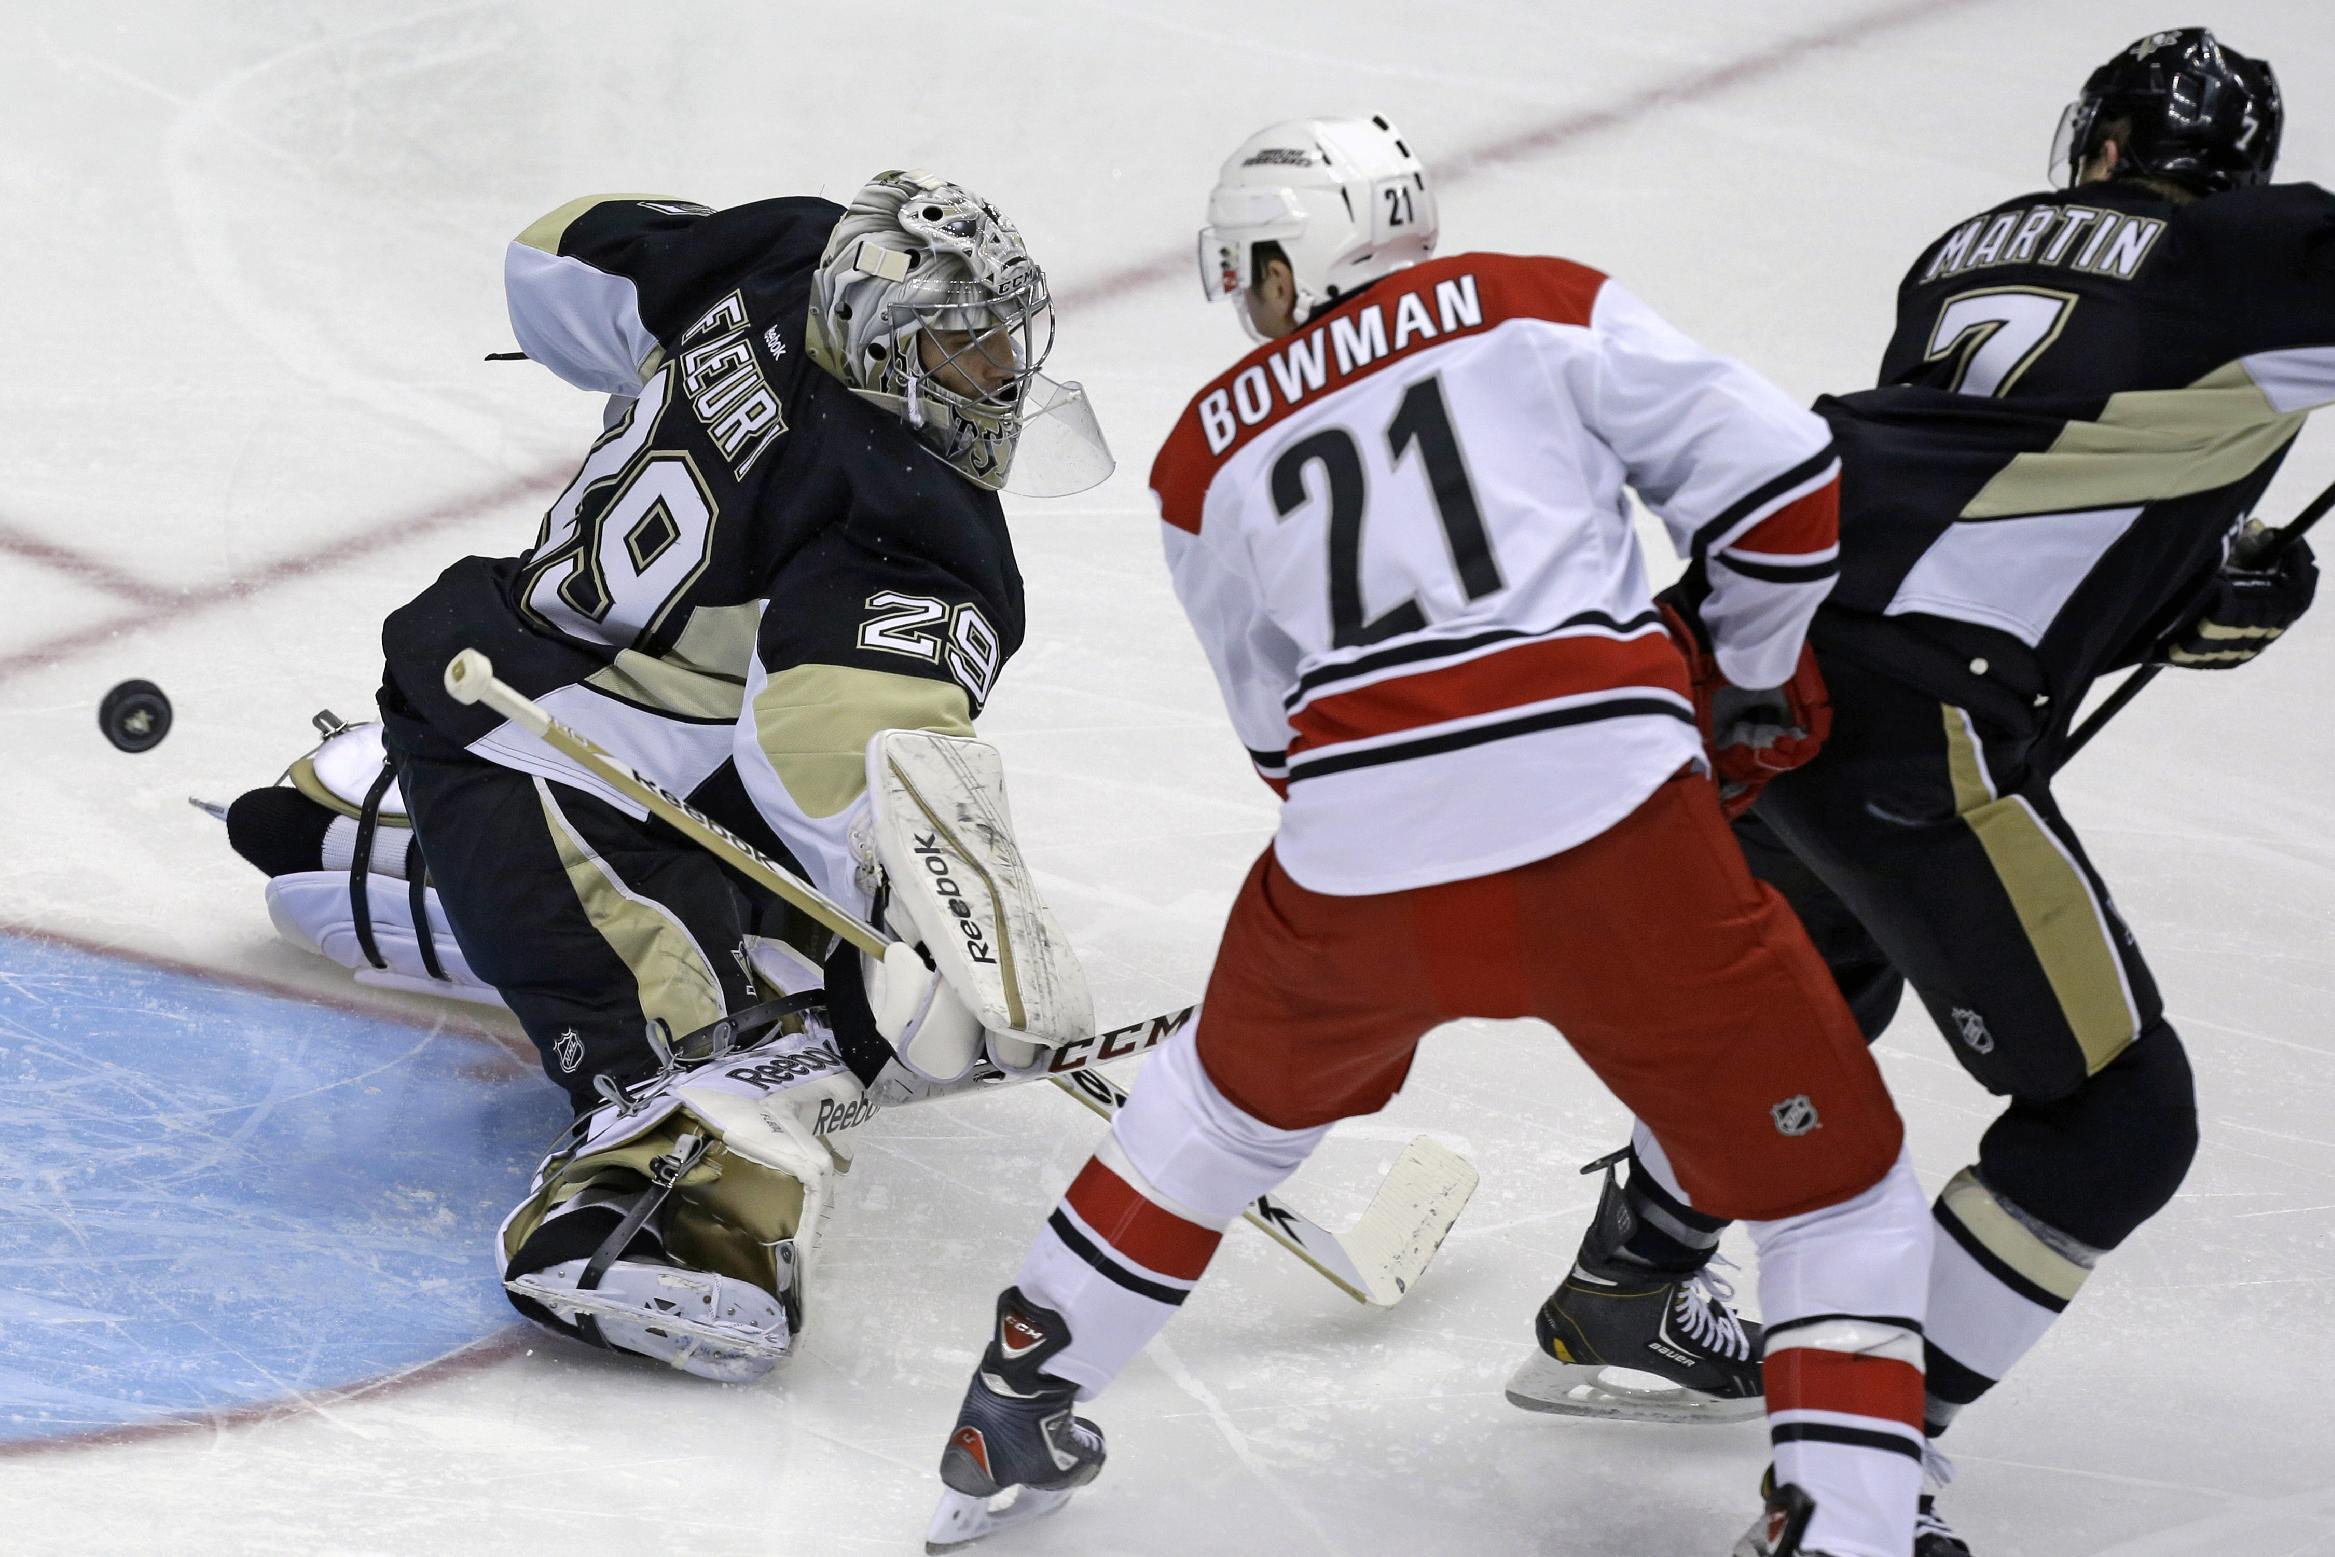 Penguins remain unbeaten, top Hurricanes 5-2